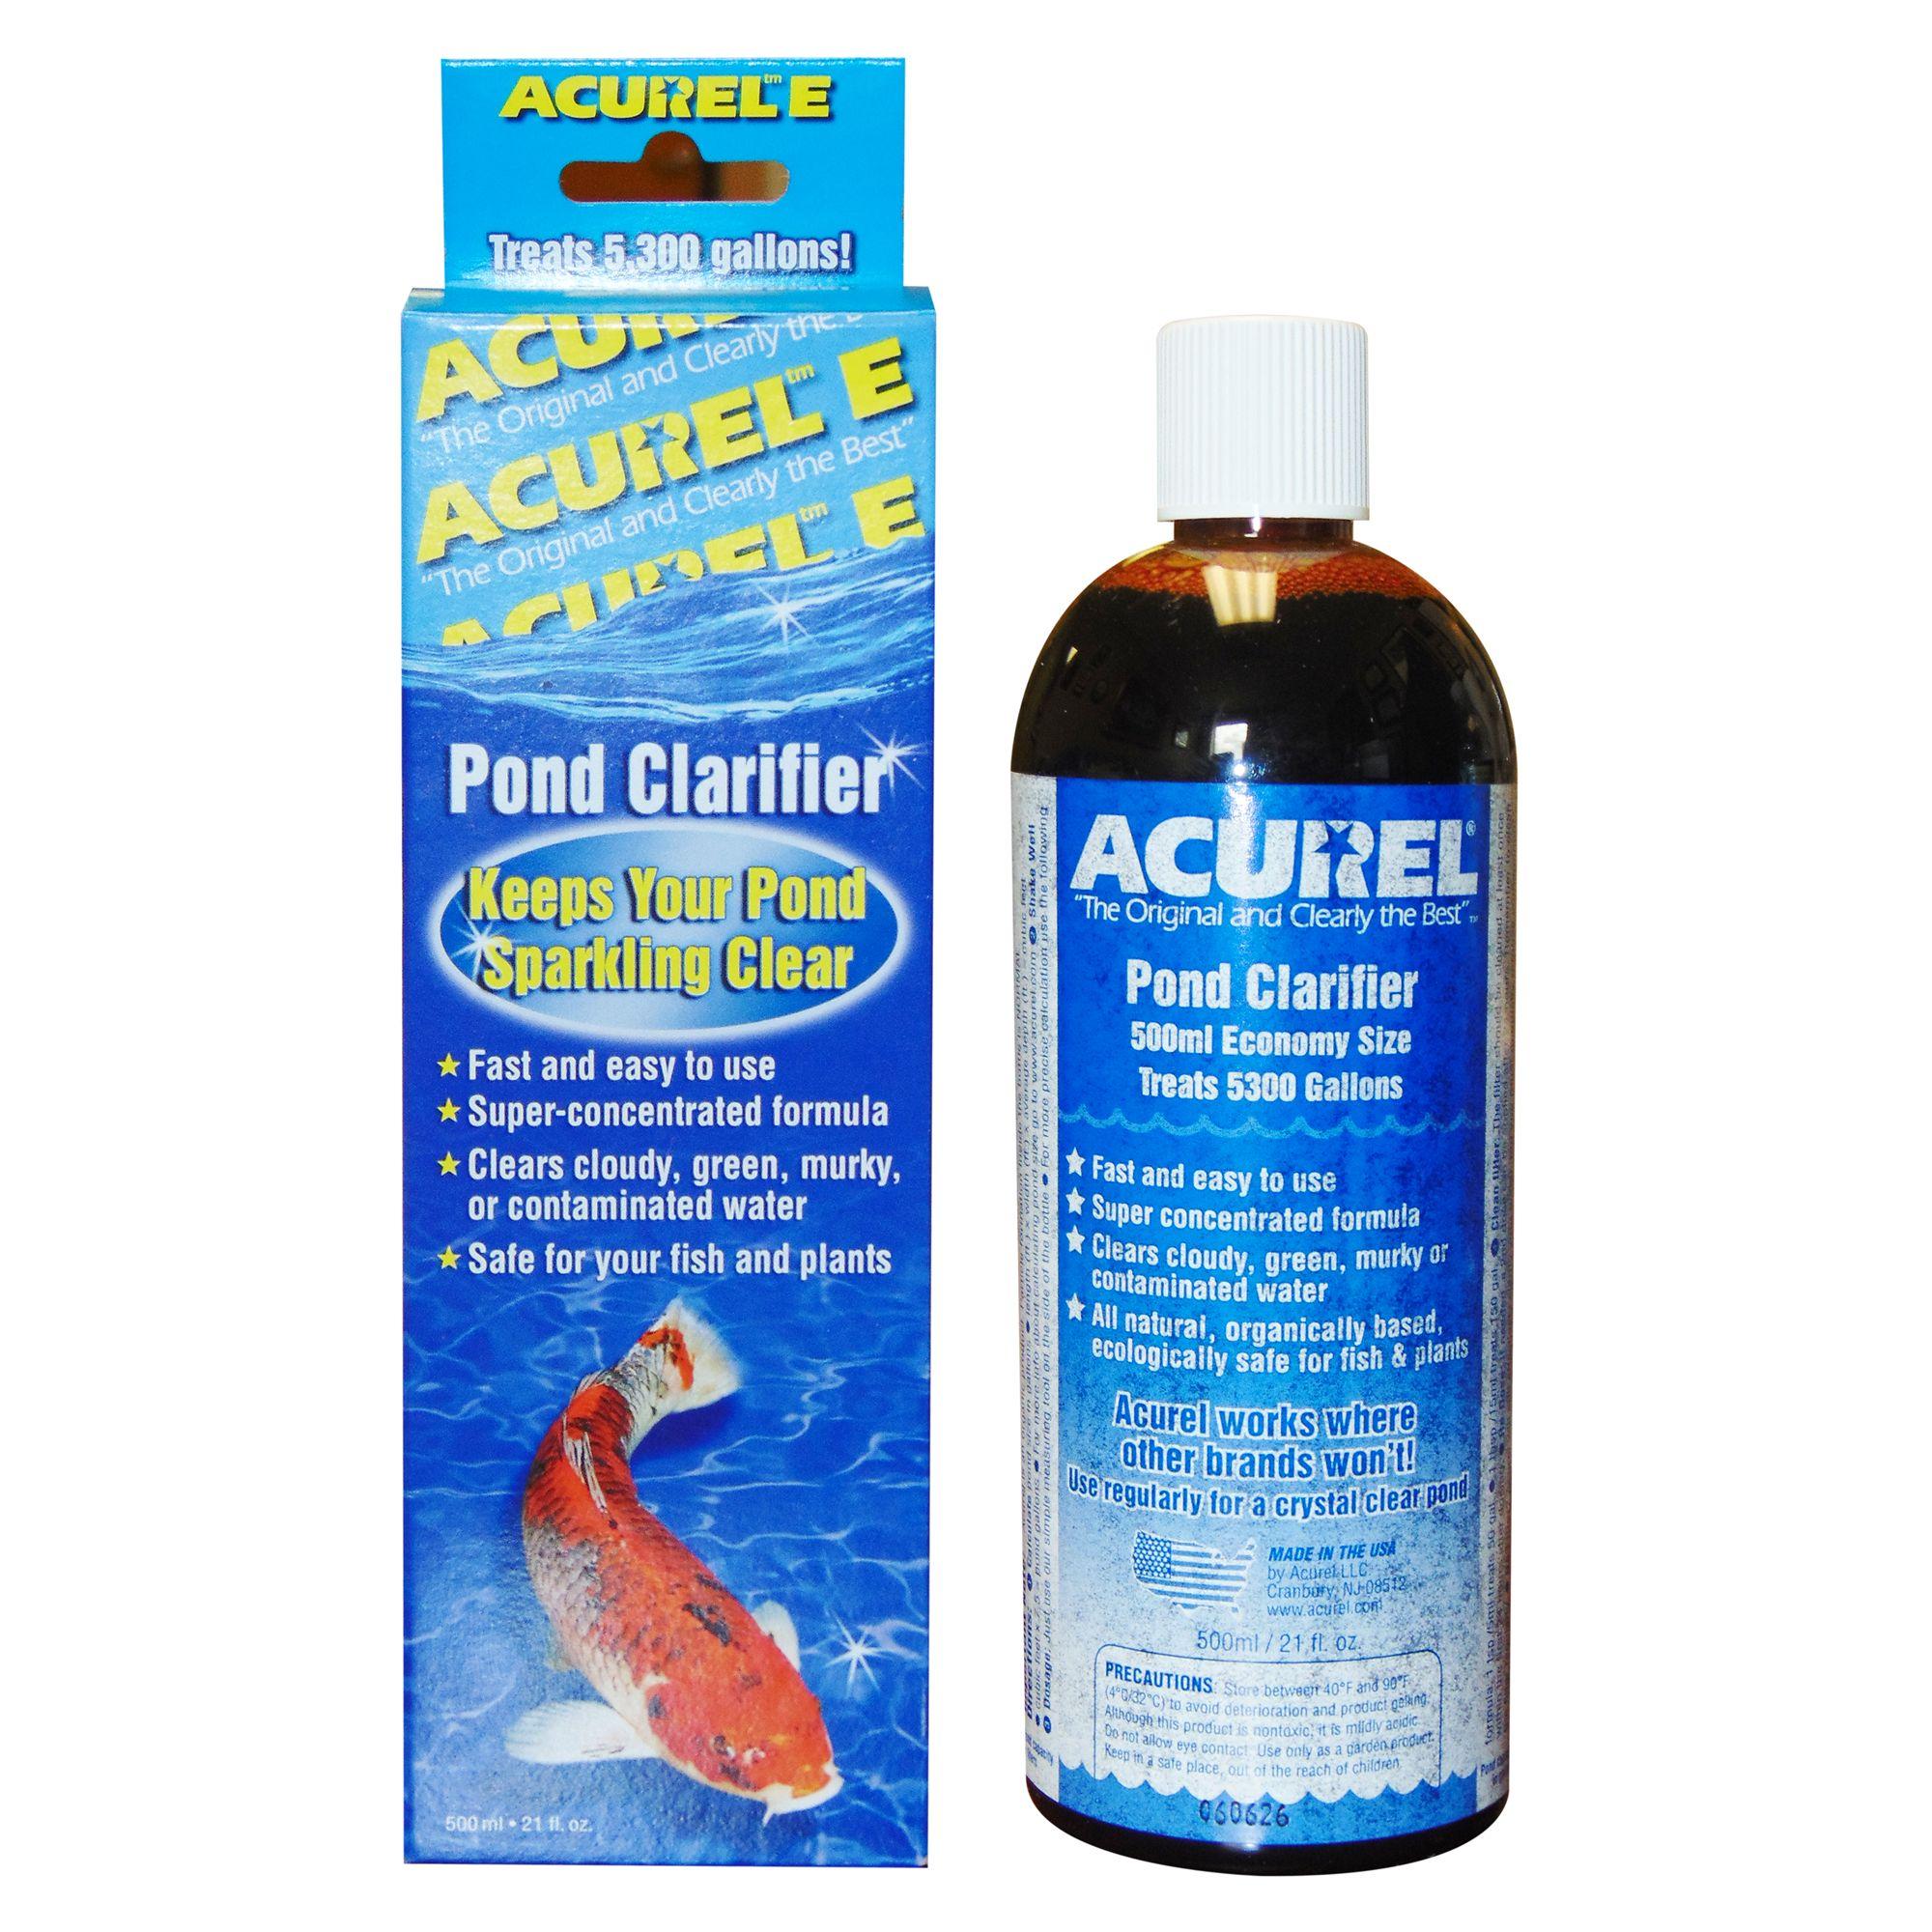 Acurel Pond Clarifier Size 16.9 Fl Oz